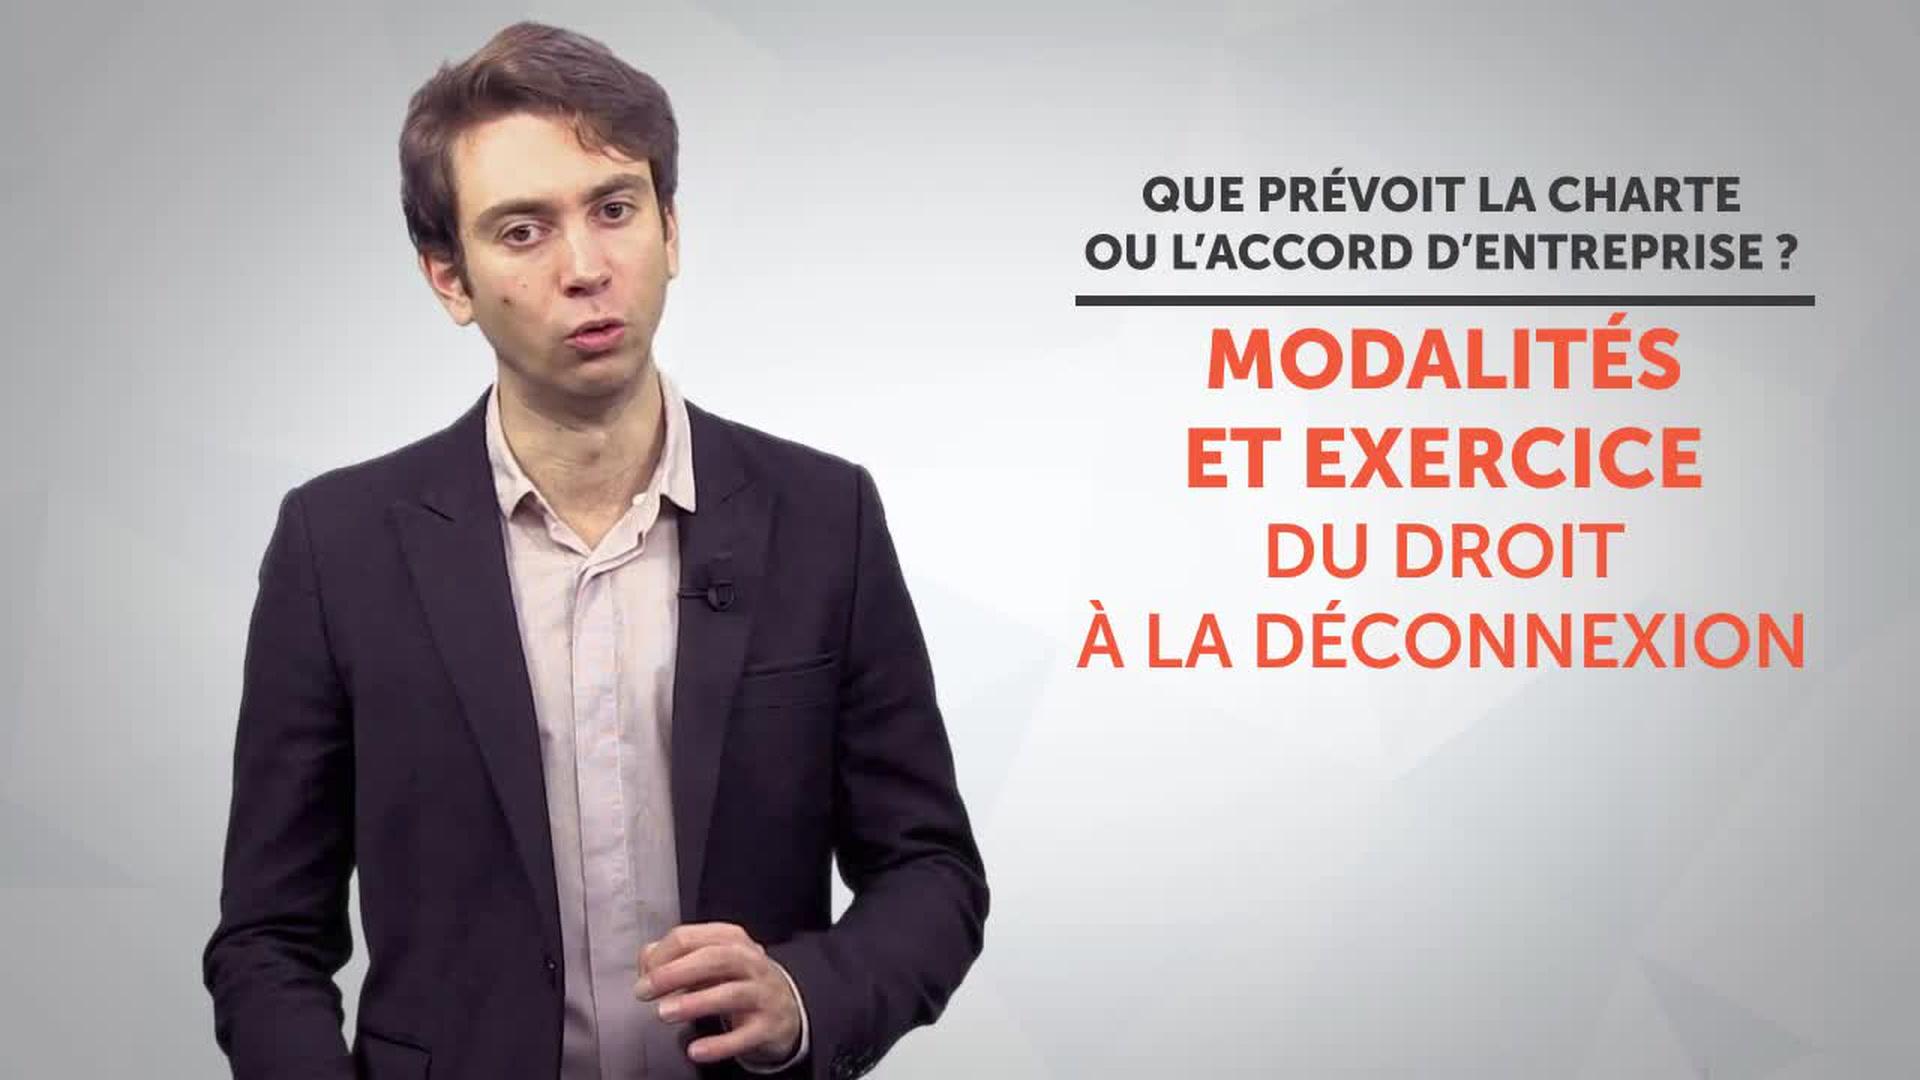 Droit A La Deconnexion Definition Loi Exemple